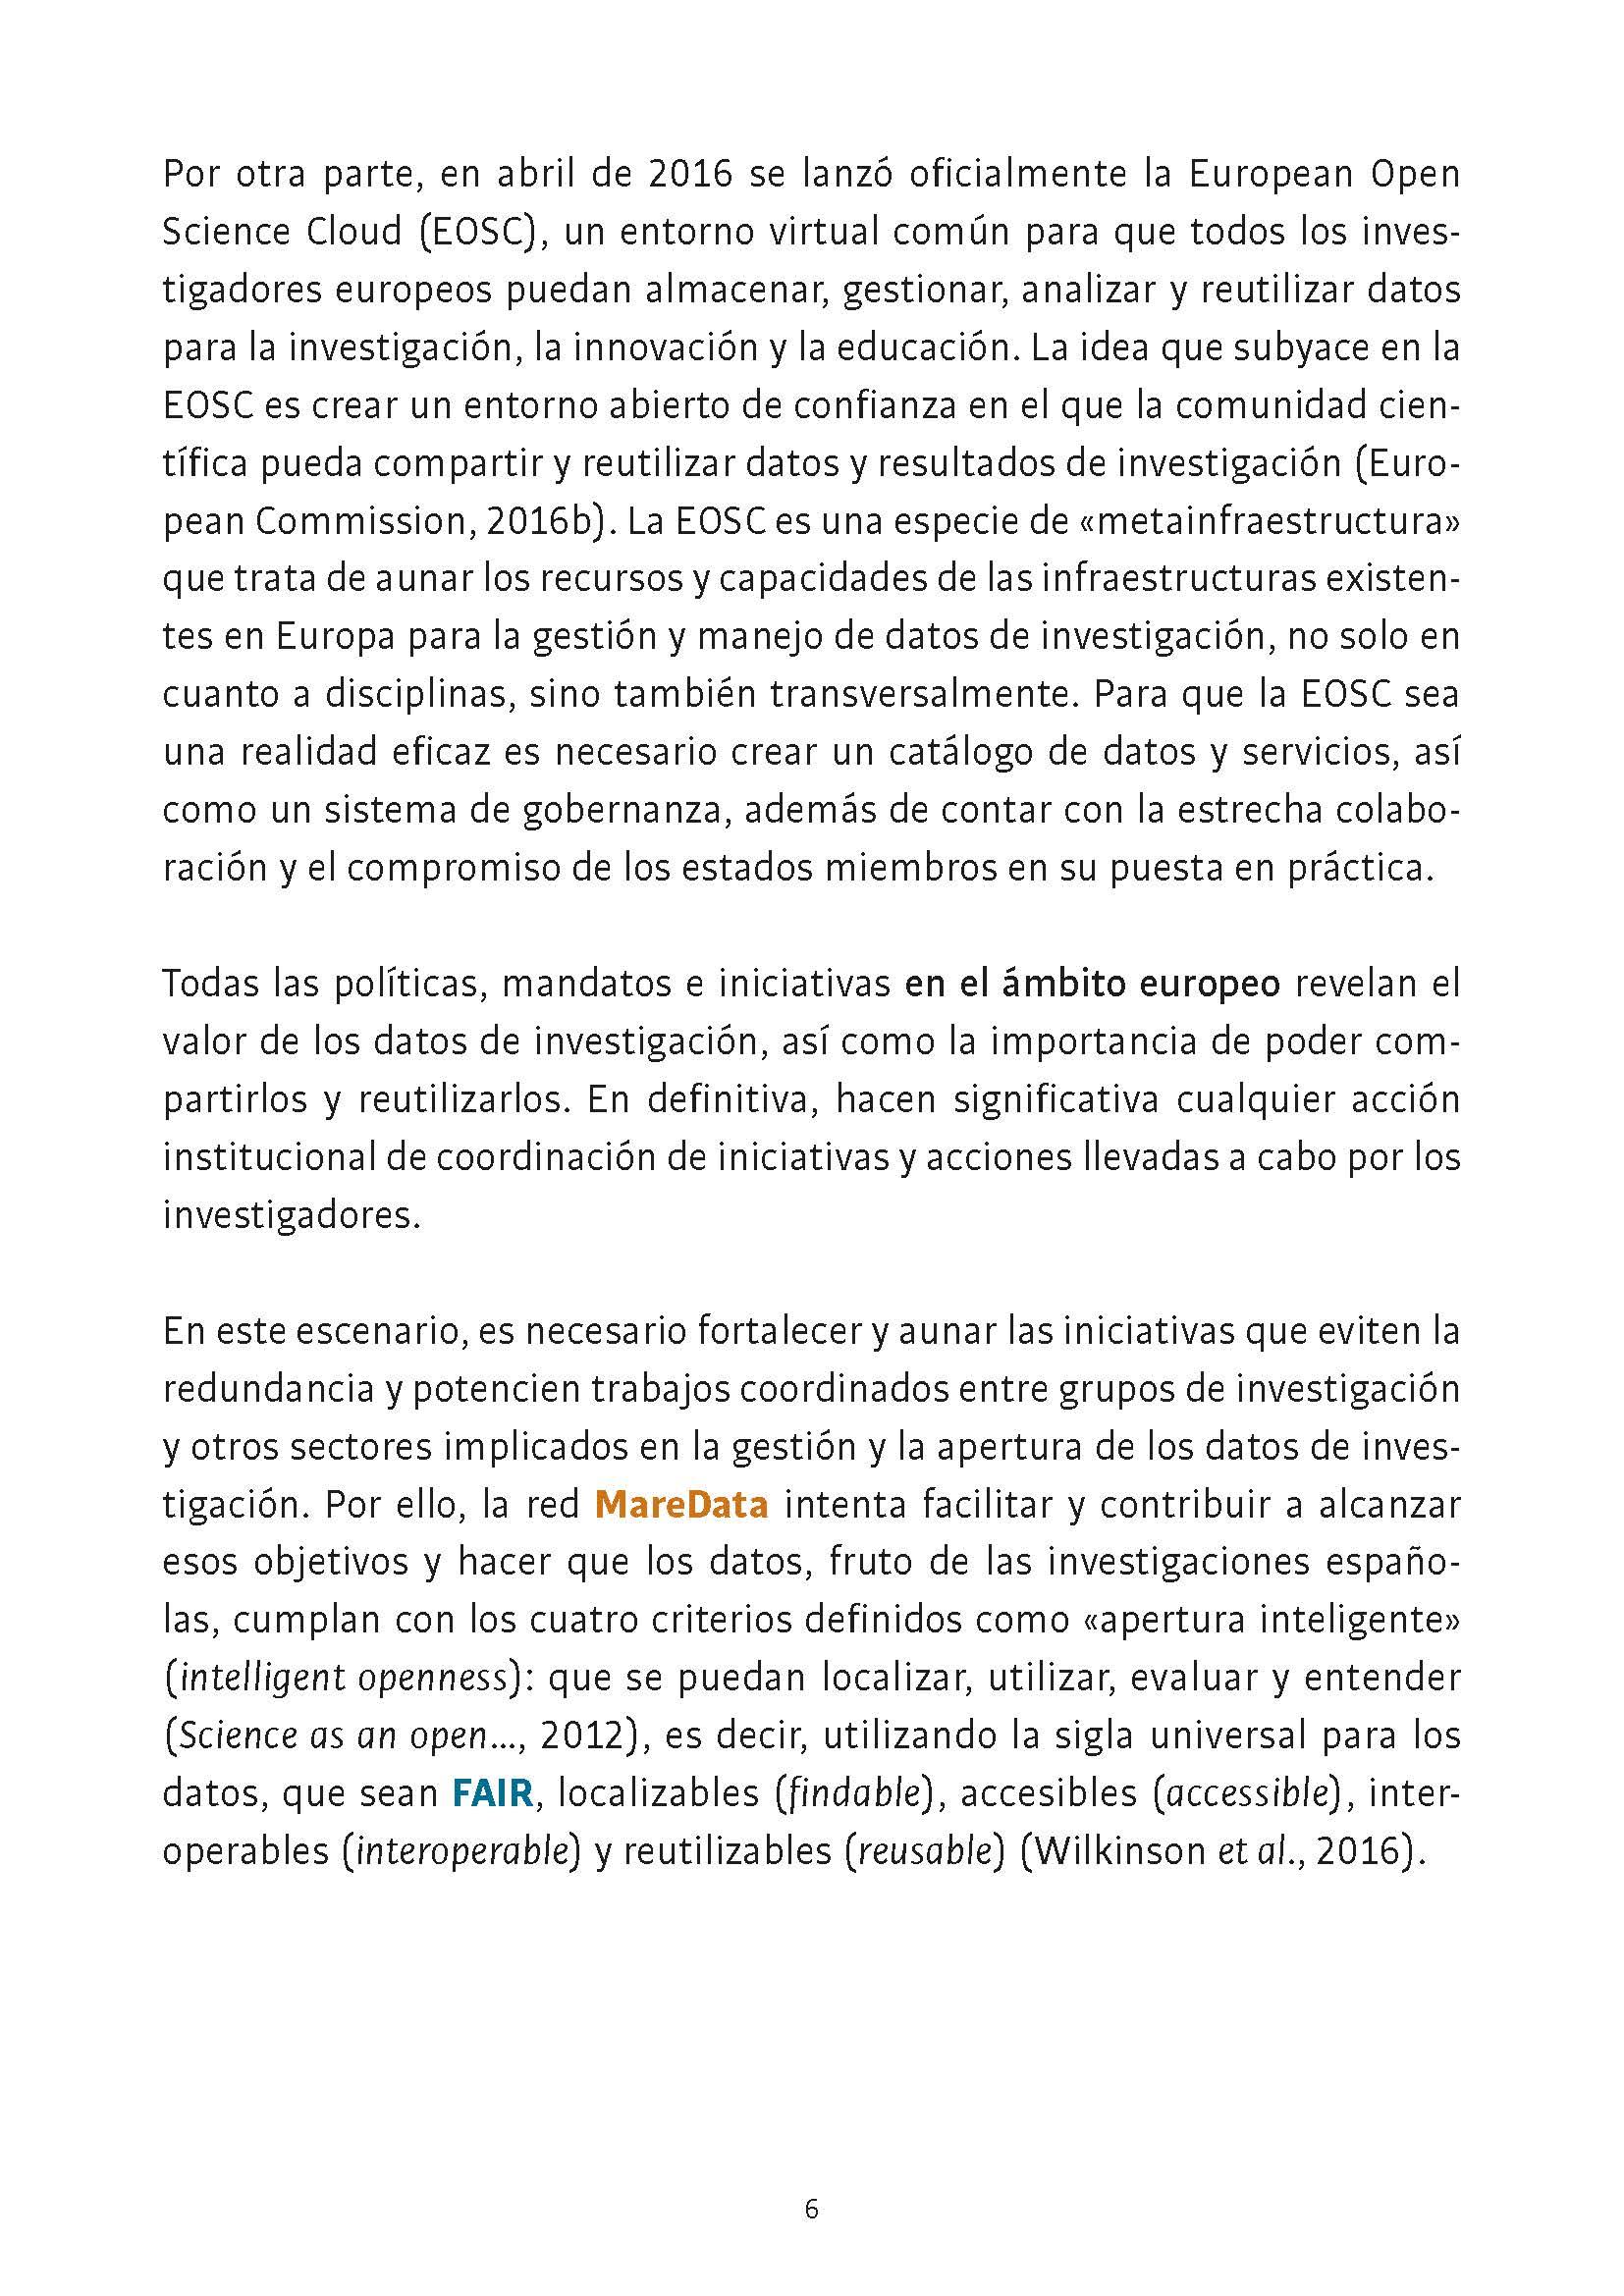 Maredata-recomendaciones-ESP_Página_06